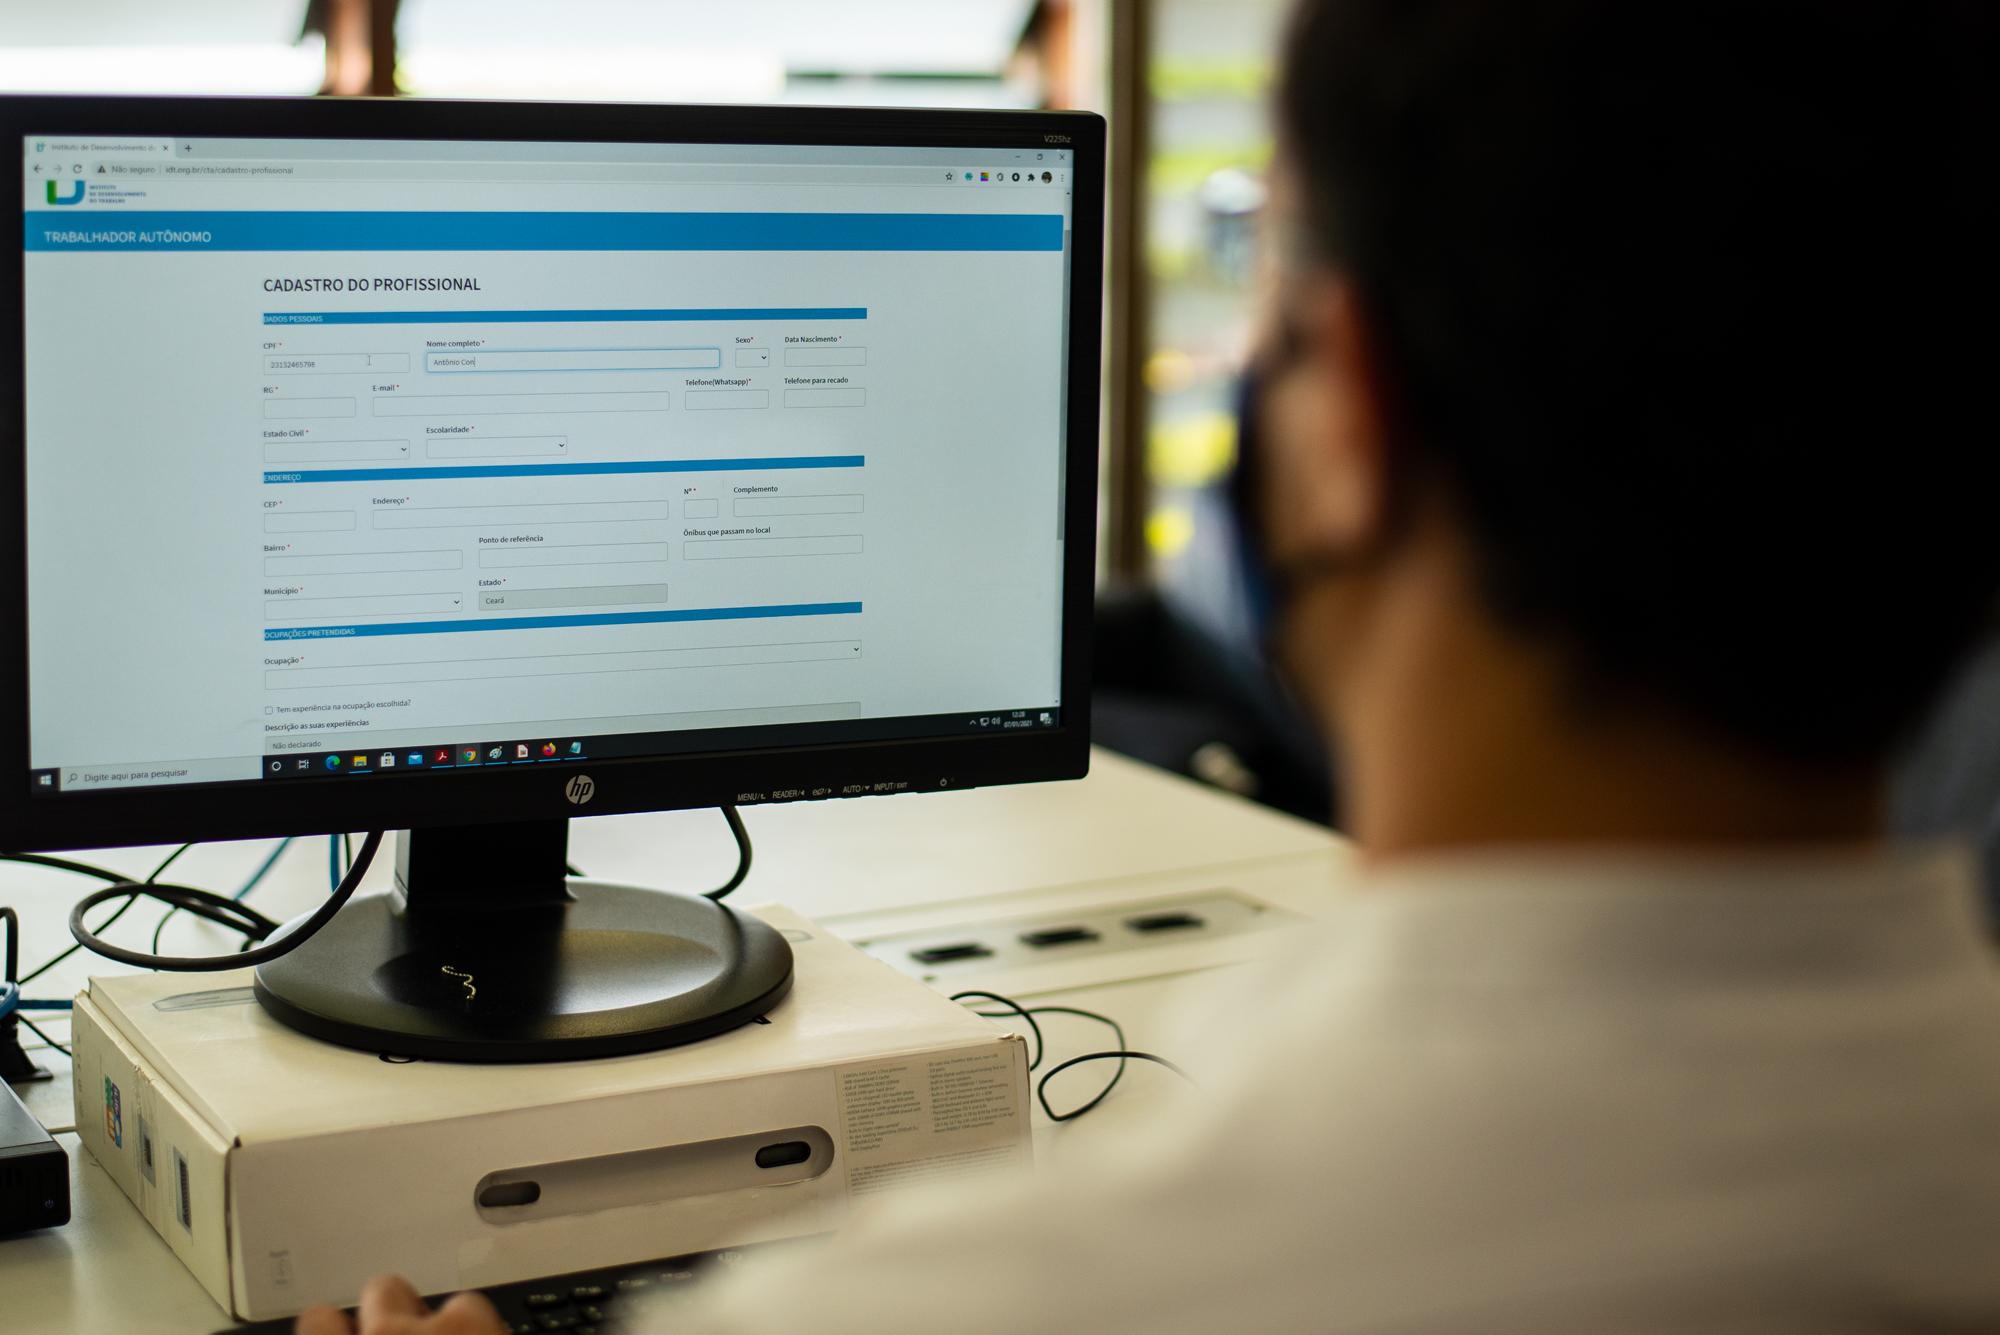 Prefeitura de Eusébio e IDT/SINE realizam parceria em benefício dos trabalhadores autônomos